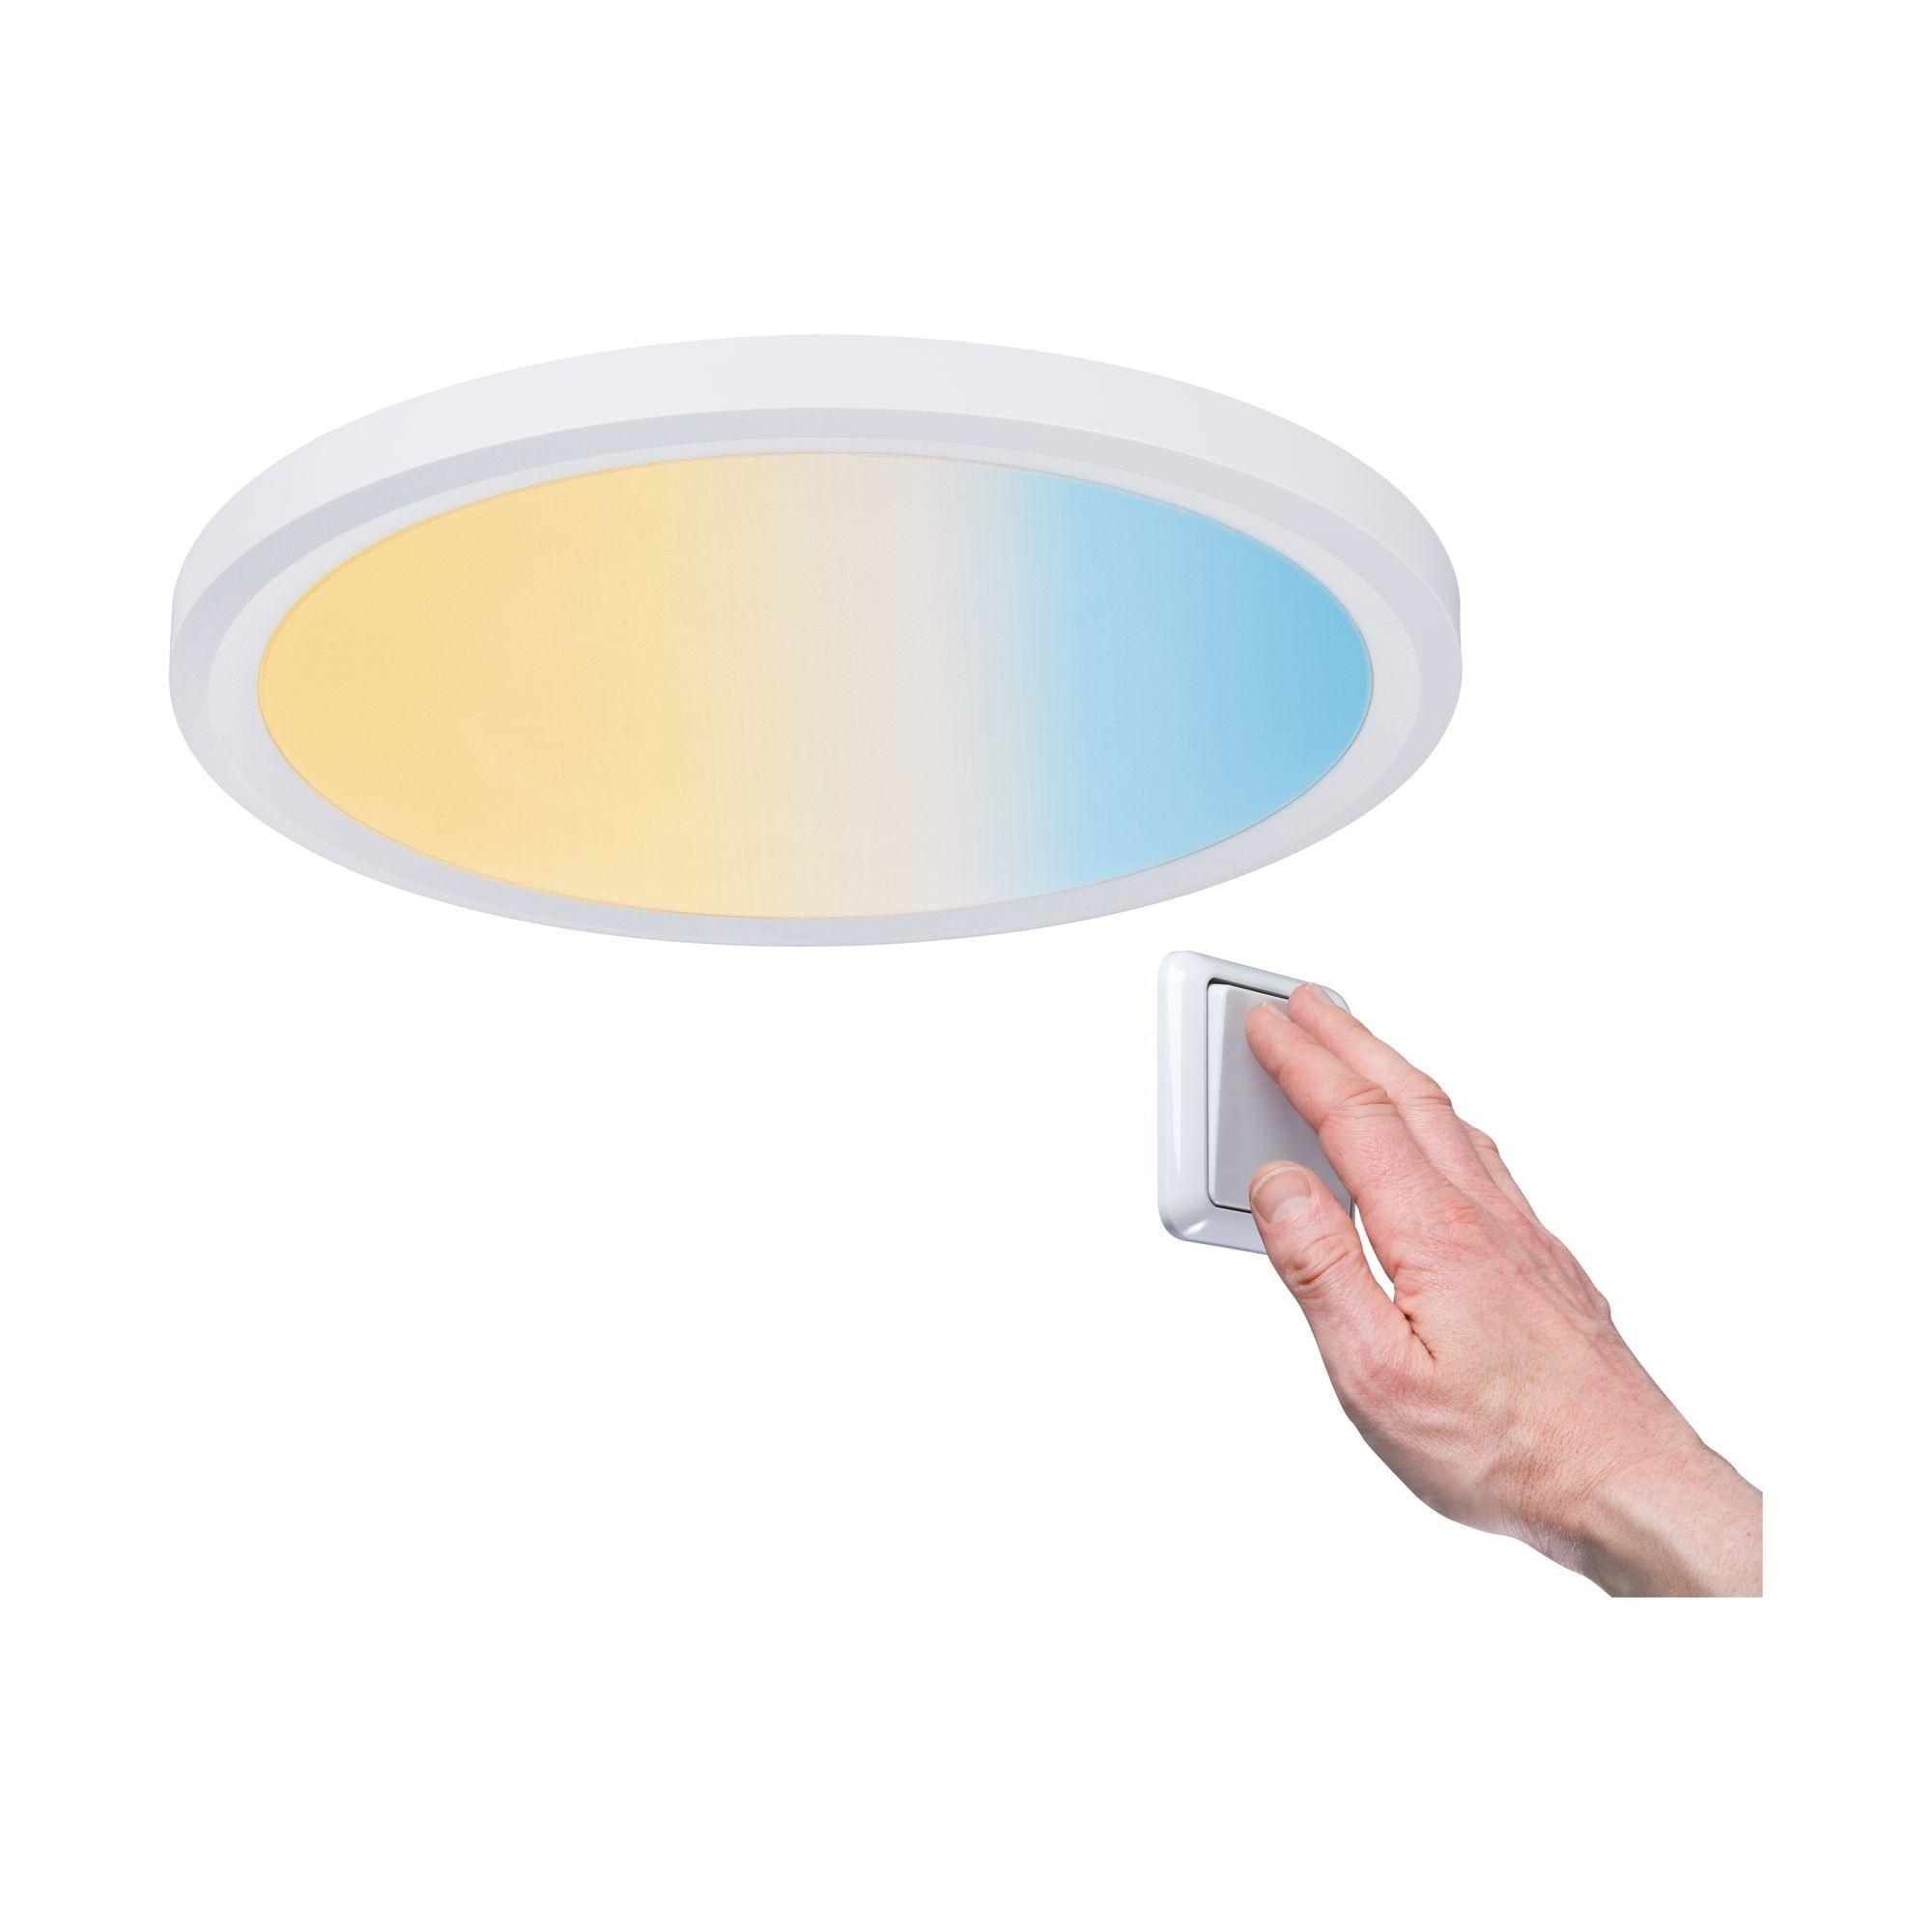 Paulmann,LED Einbaustrahler Panel Dimmbar Badleuchte Weiß rund 9W